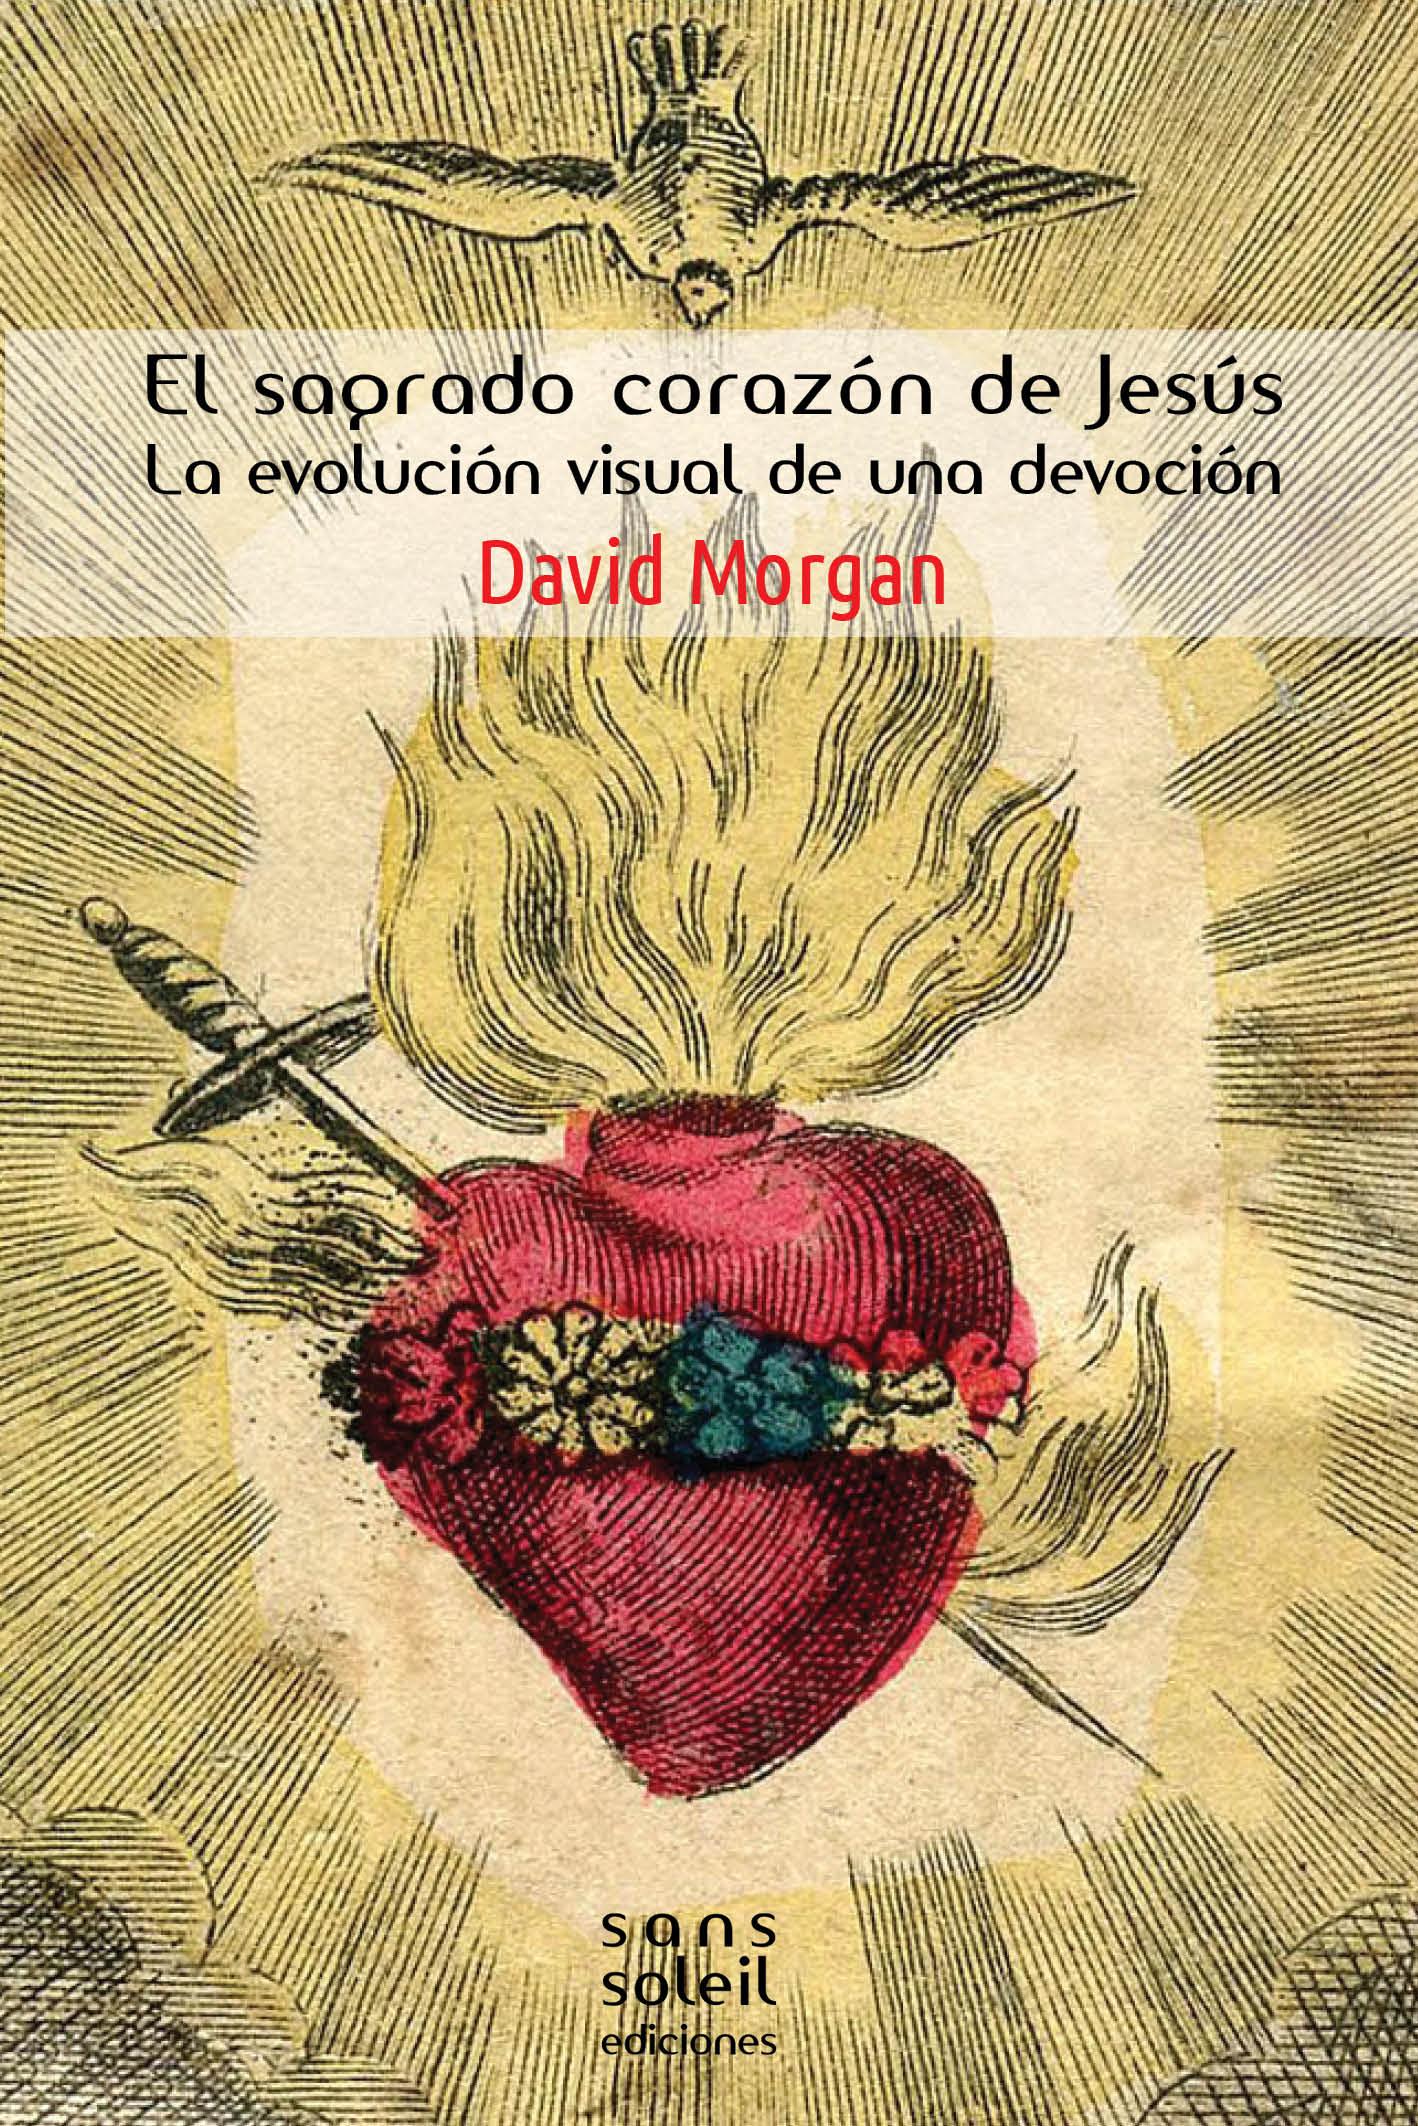 Nueva publicación de David Morgan: El Sagrado Corazón de Jesús. La evolución visual de una devoción